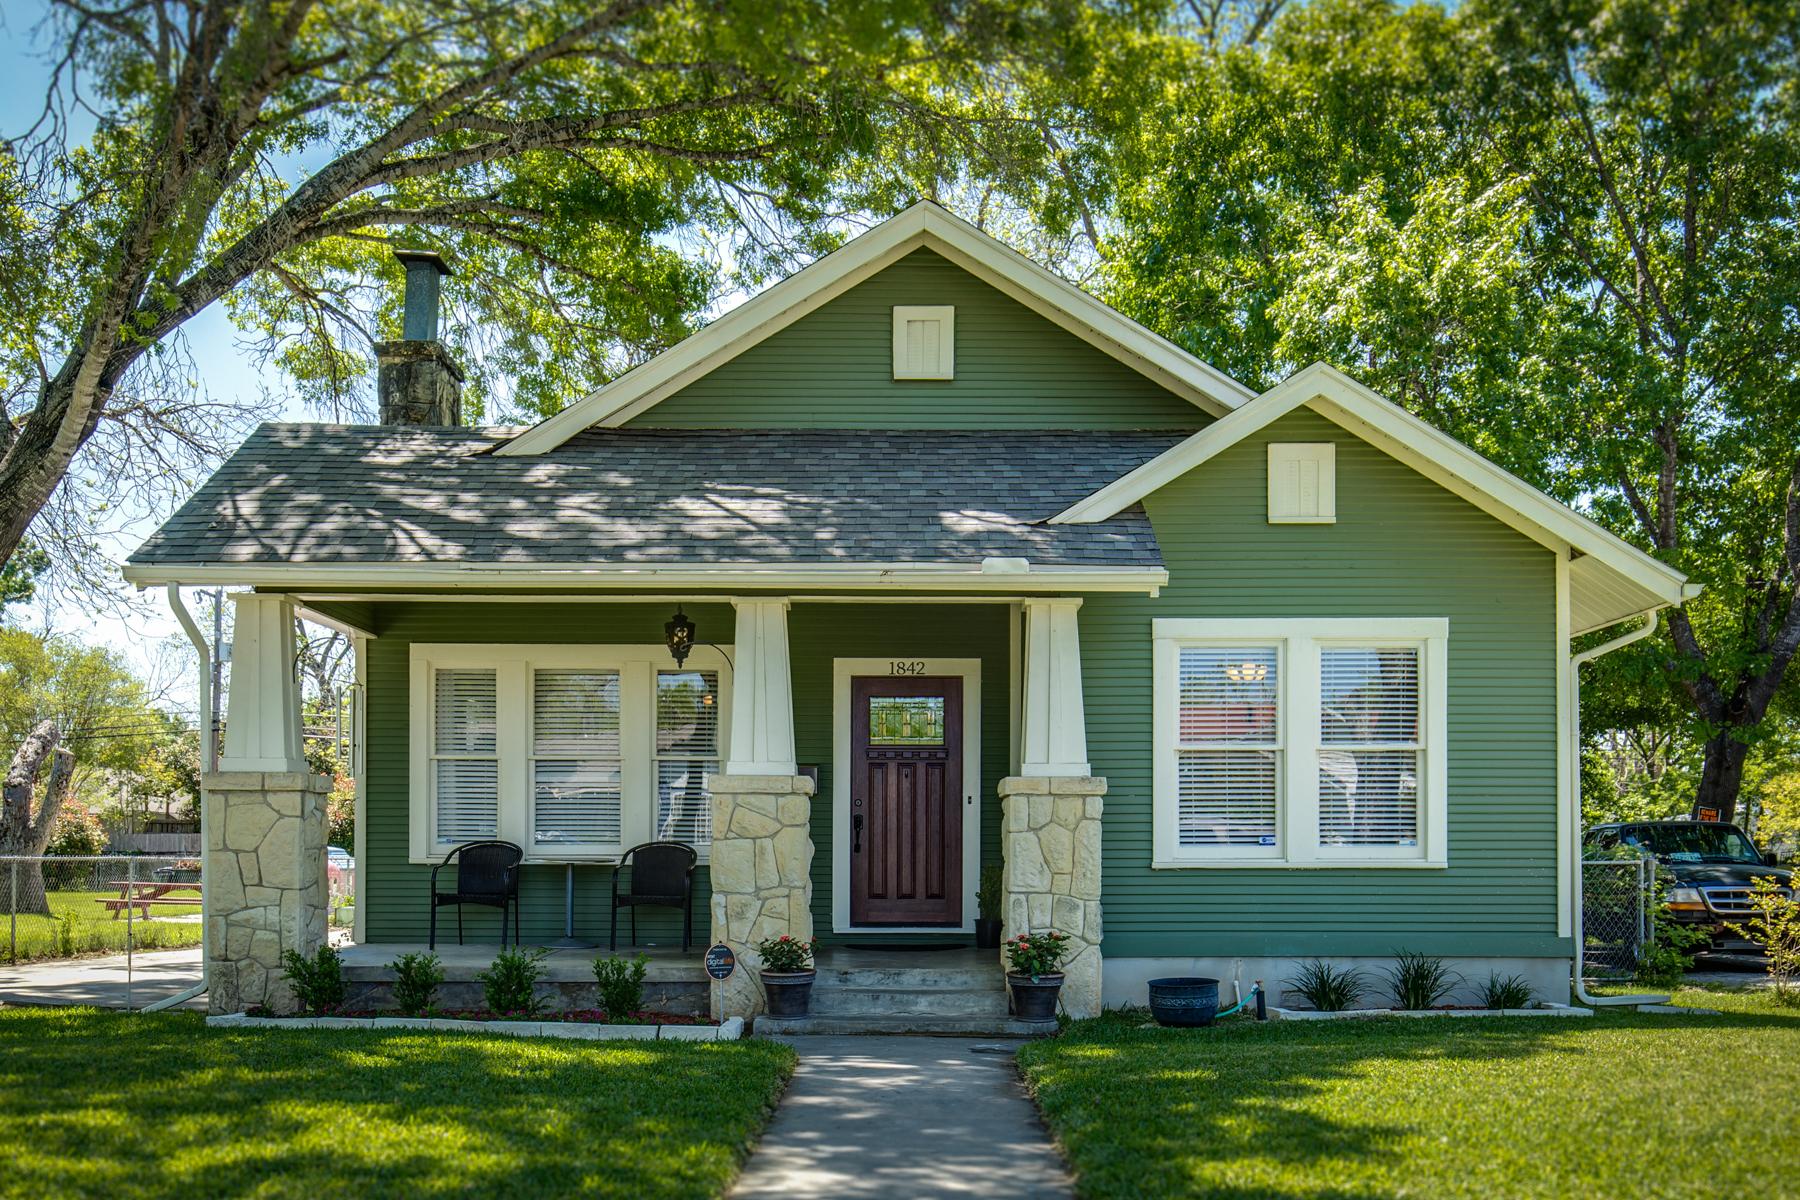 Vivienda unifamiliar por un Venta en Charming Cottage in Woodlawn Terrace 1842 W Kings Hwy Woodlawn Terrace, San Antonio, Texas, 78201 Estados Unidos